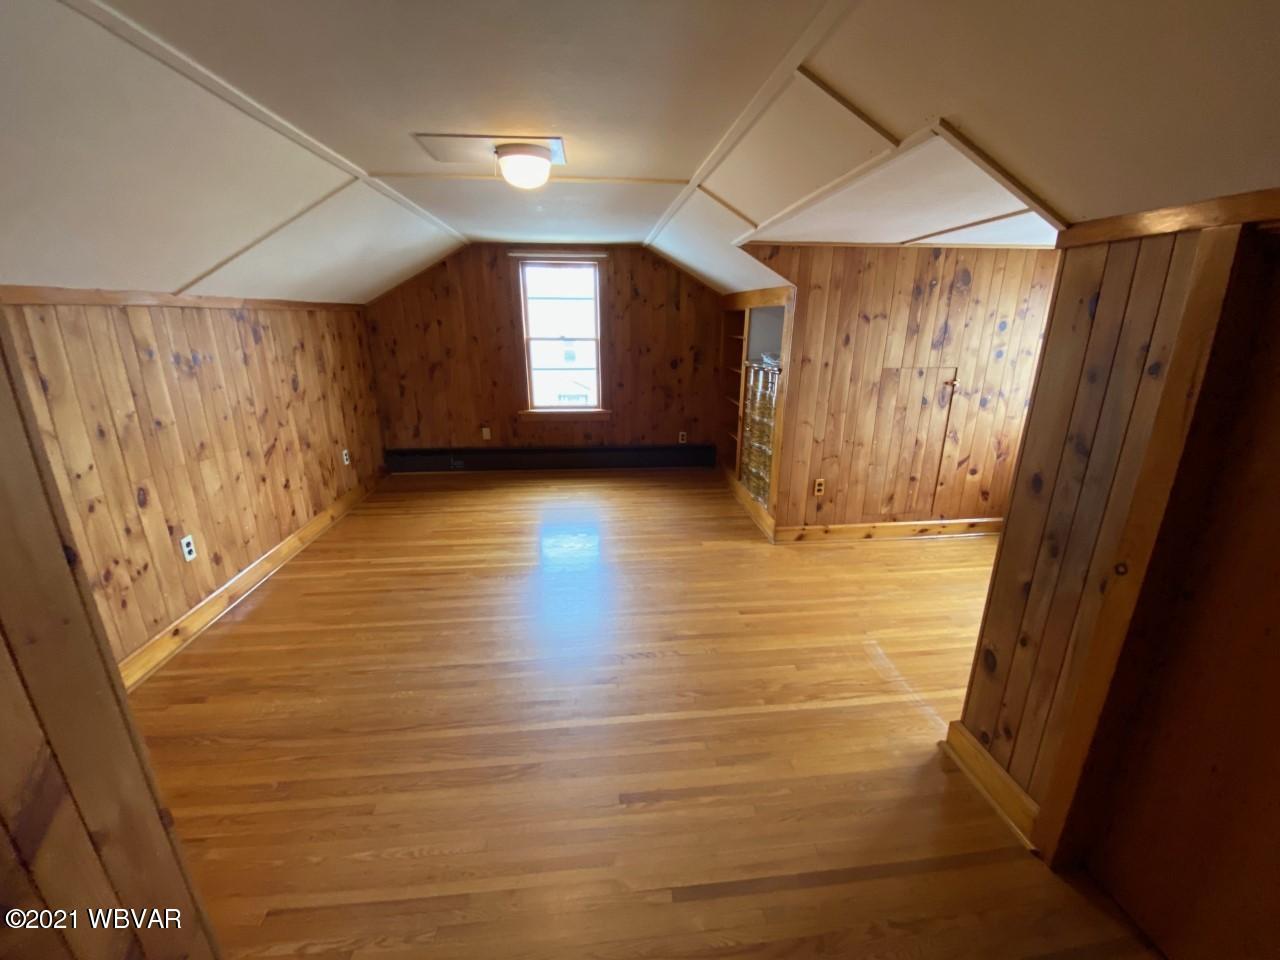 535 RTE 405 HIGHWAY, Hughesville, PA 17737, 3 Bedrooms Bedrooms, ,1.5 BathroomsBathrooms,Resid-lease/rental,For sale,RTE 405,WB-91733